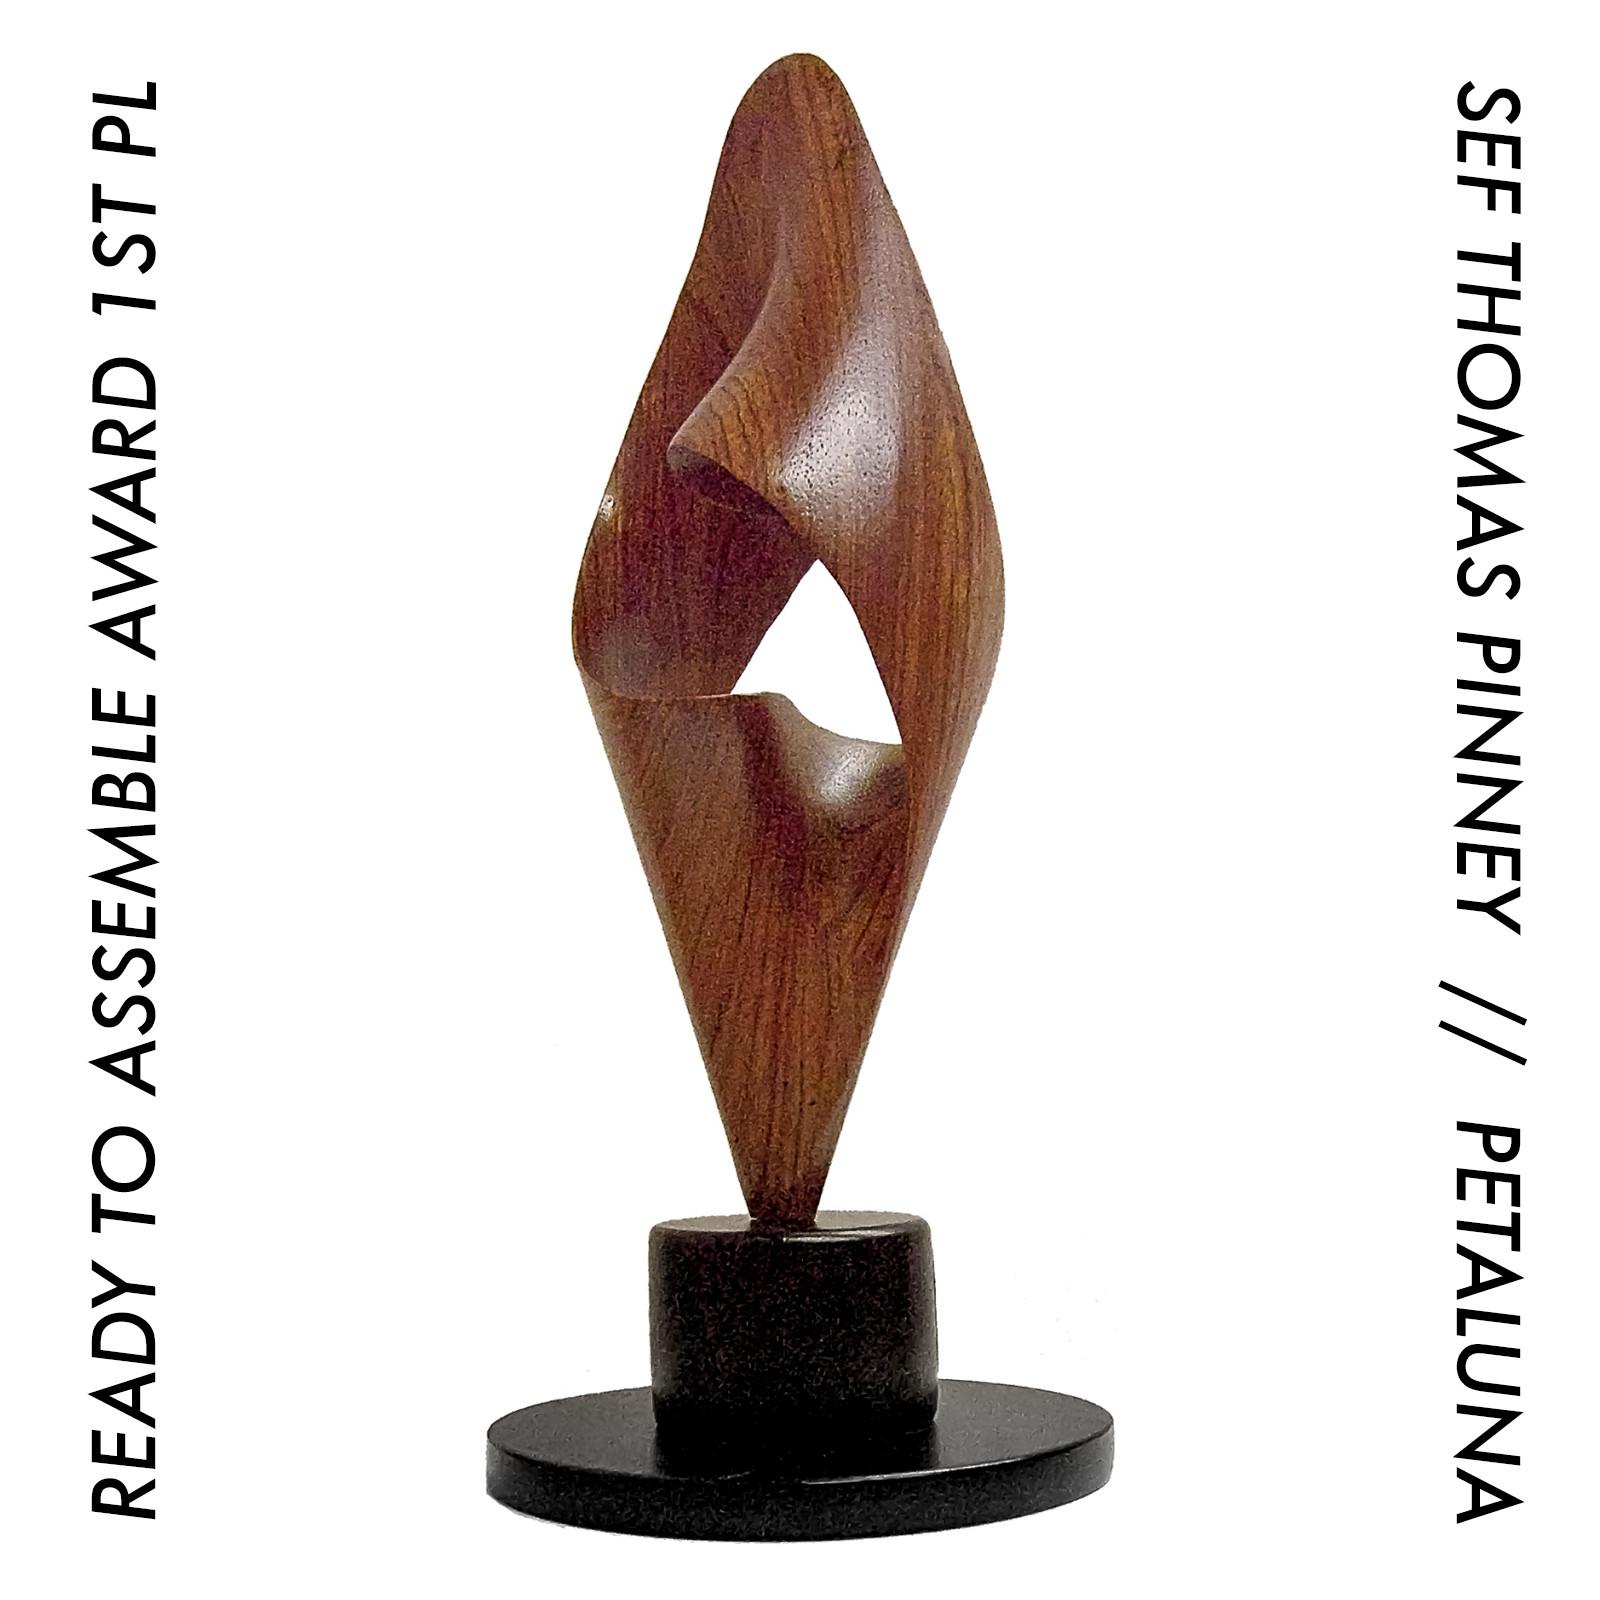 Press__IWF Award with txt_1600